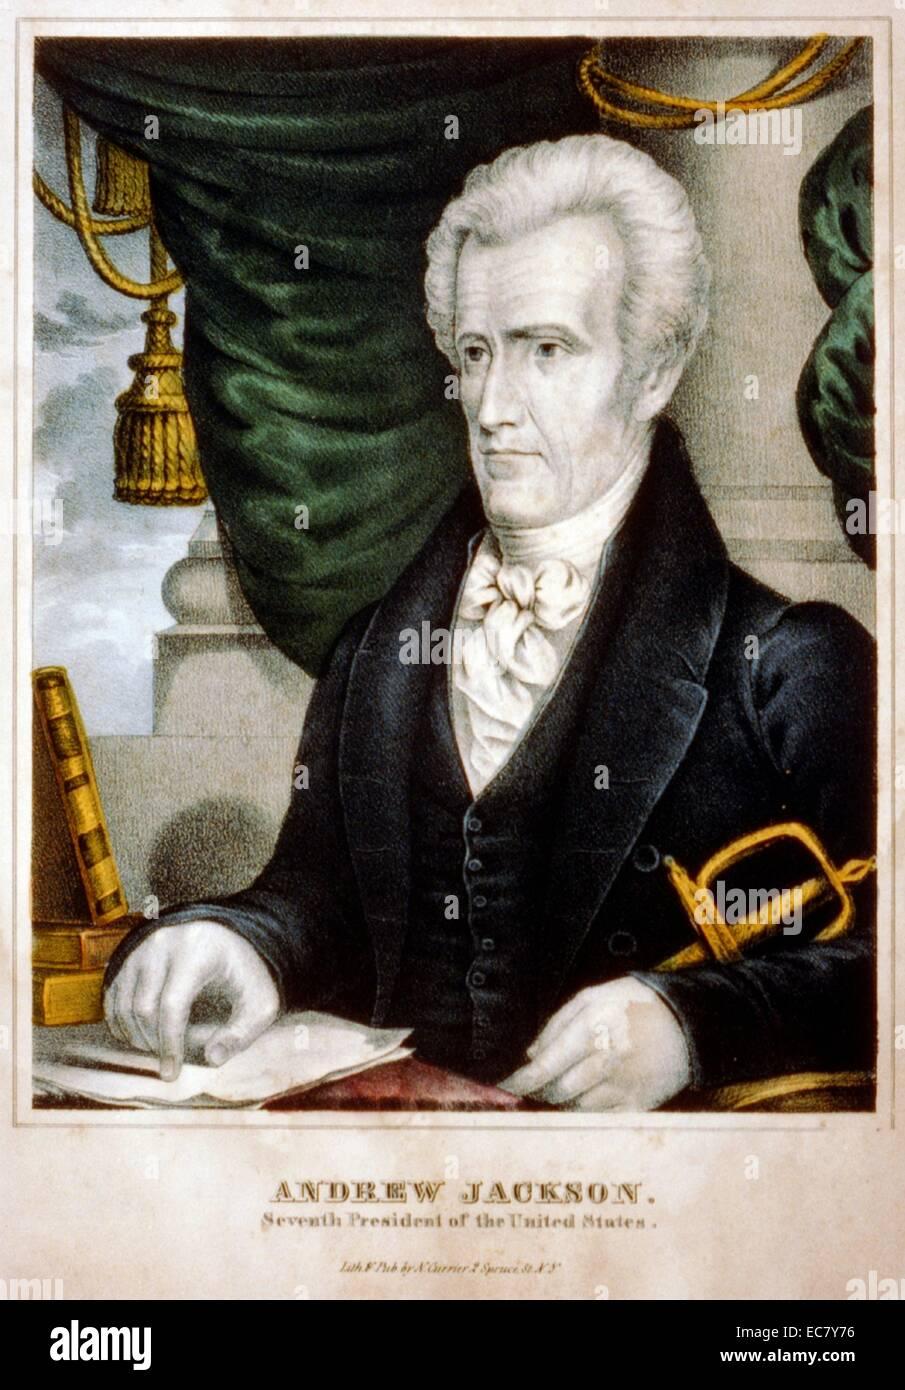 Andrew Jackson - Stock Image